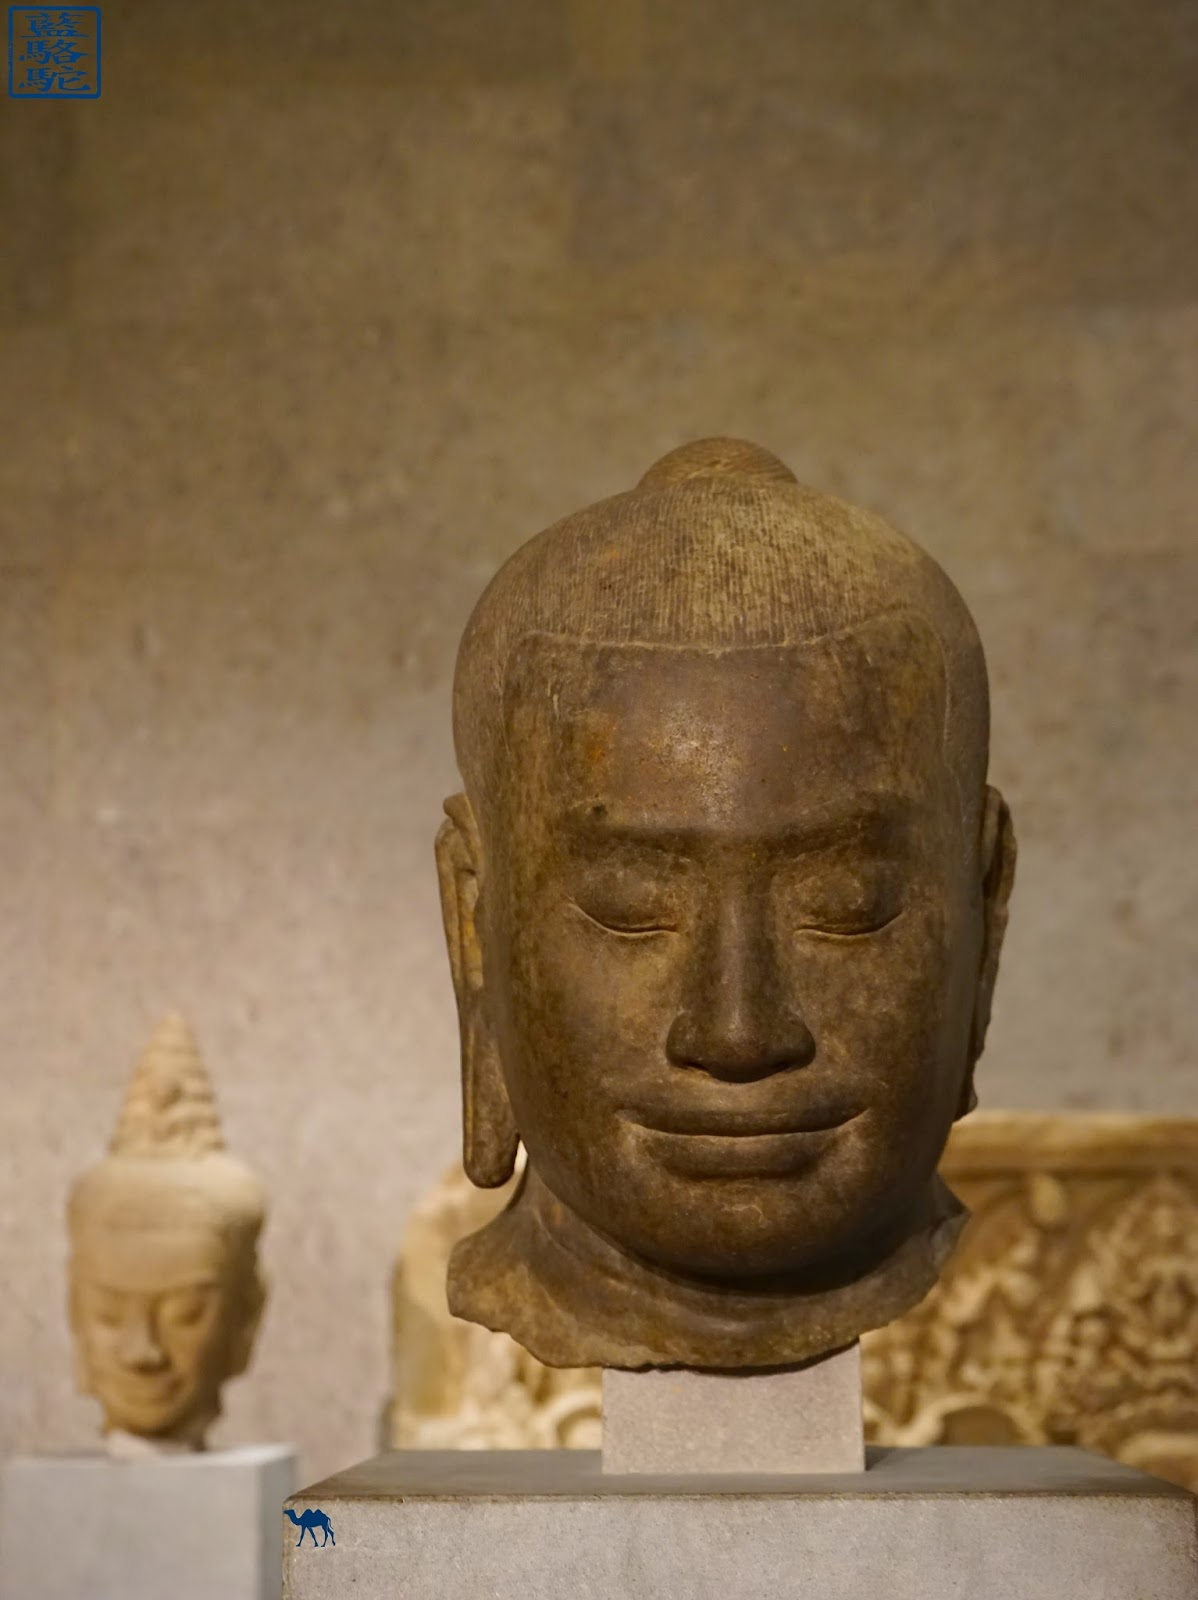 Le Chameau Bleu - Bouddha - Musée Guimet